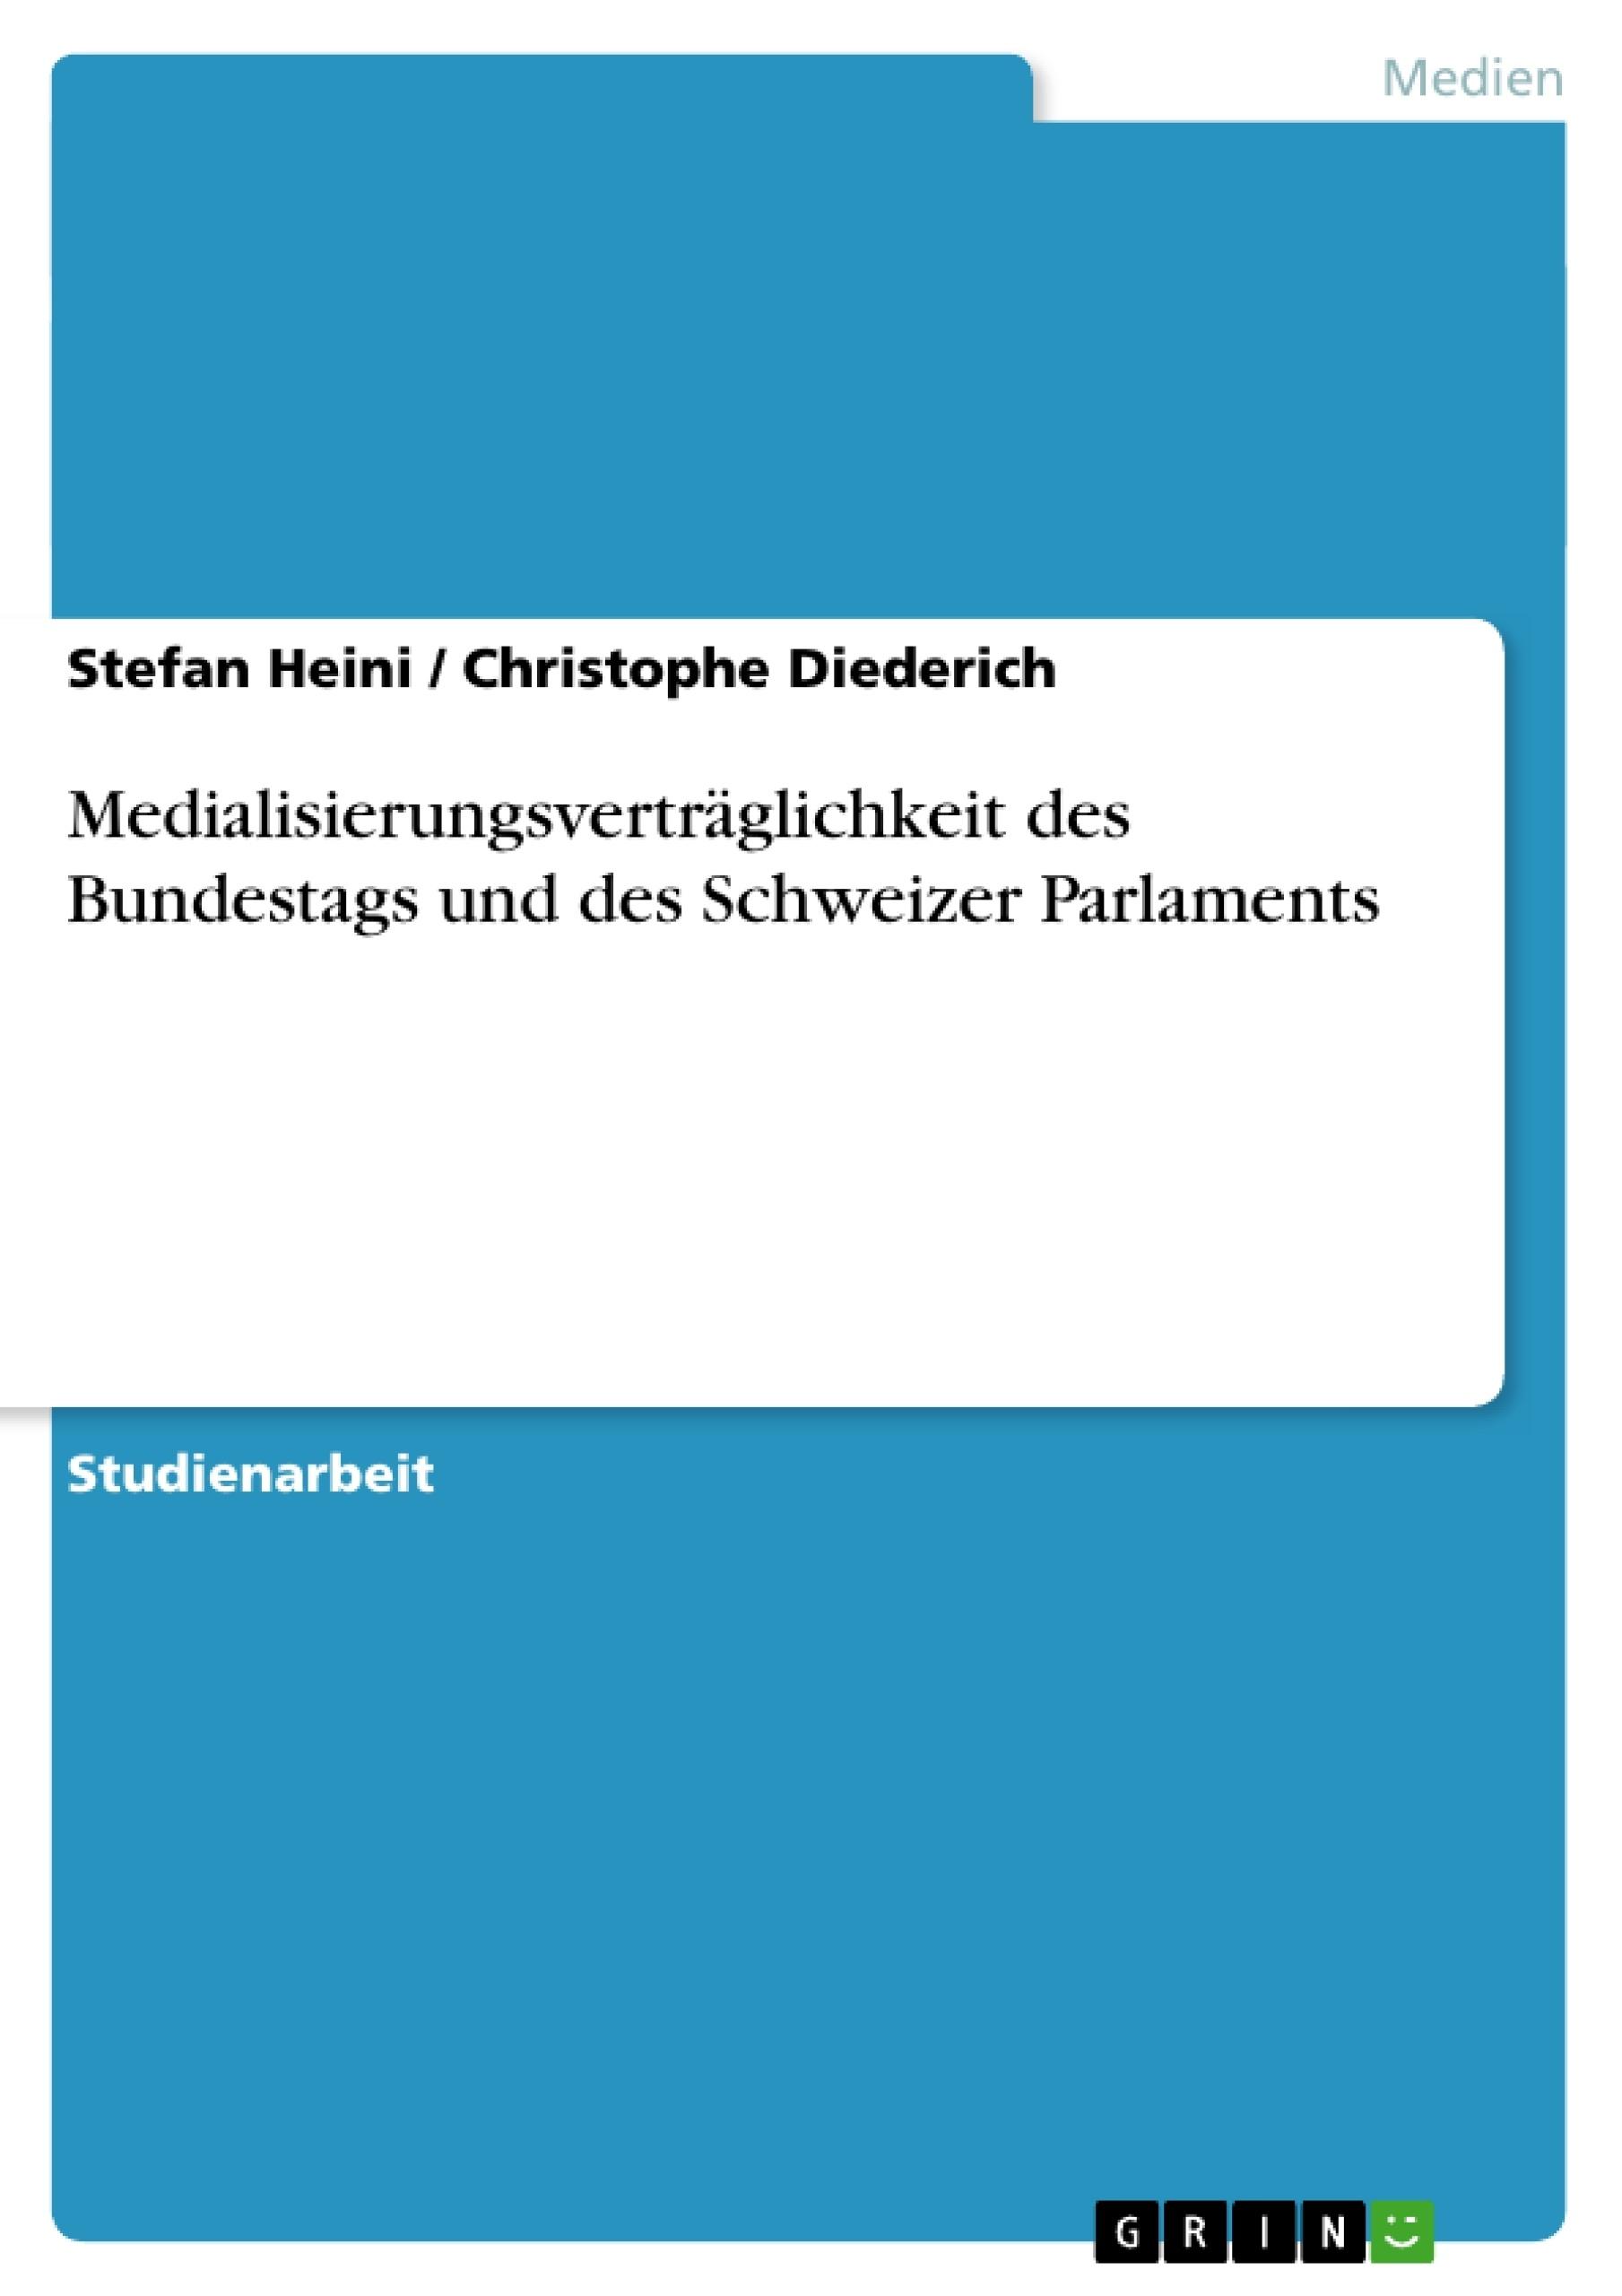 Titel: Medialisierungsverträglichkeit des Bundestags und des Schweizer Parlaments